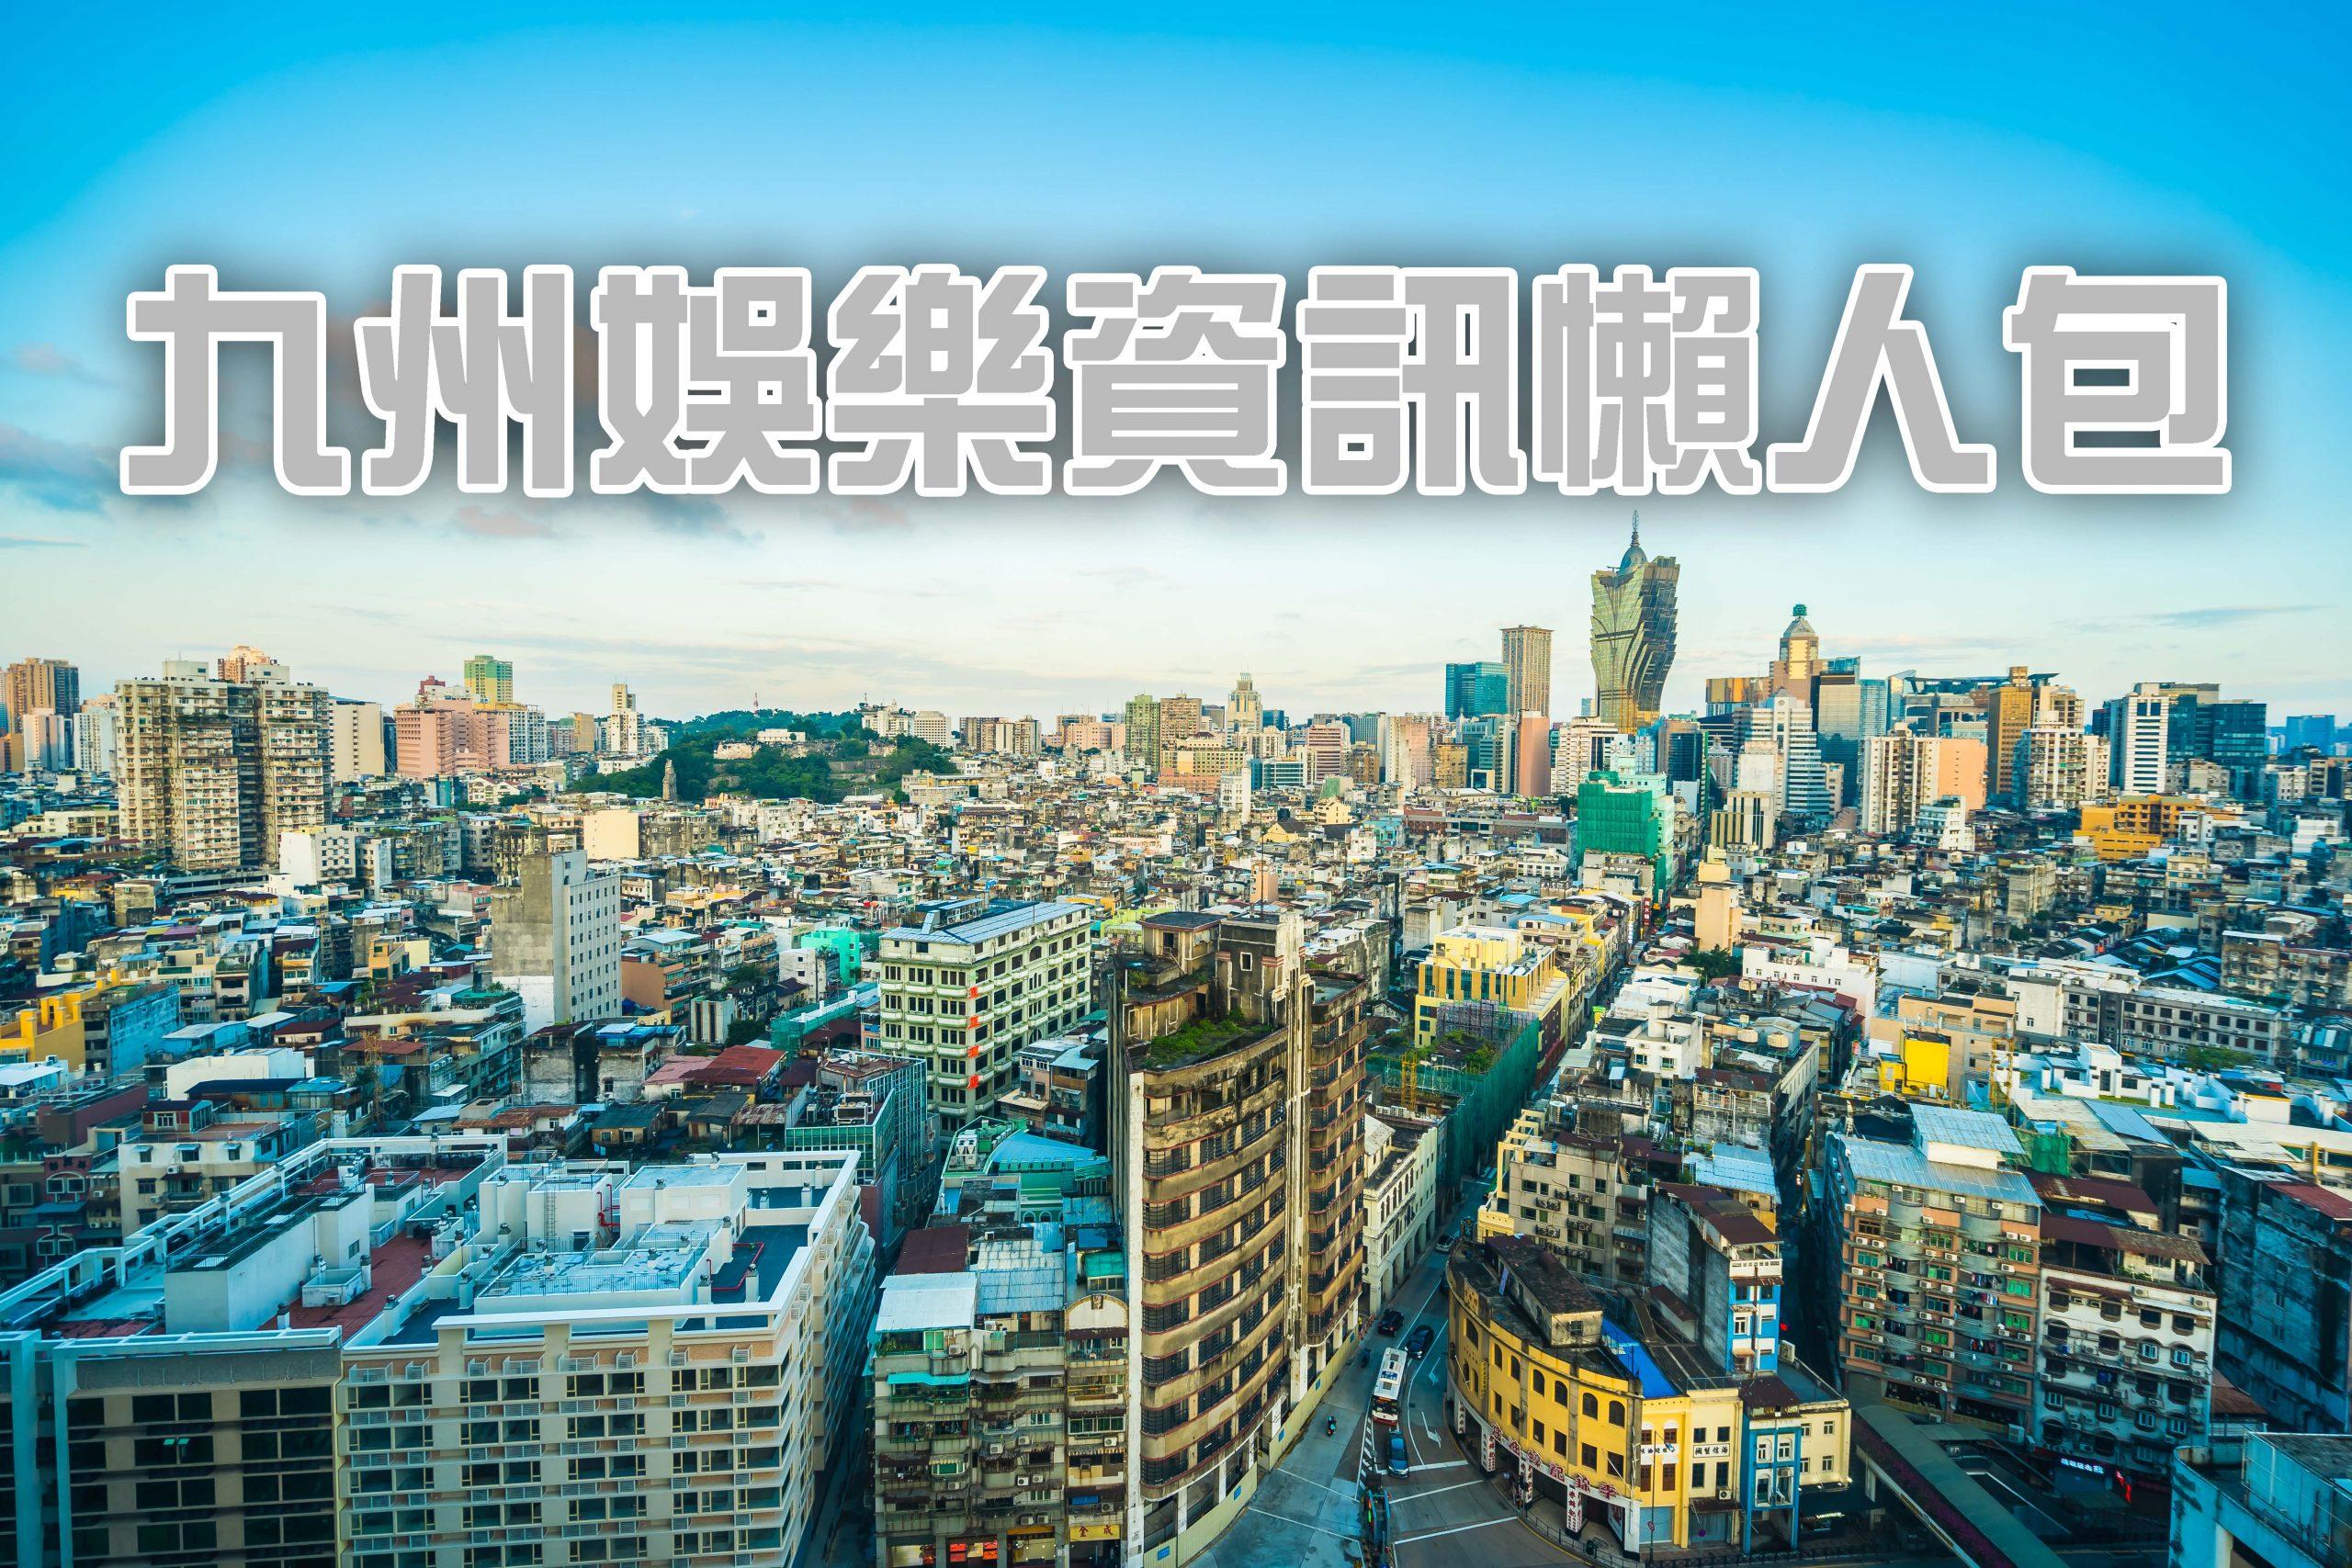 九州娛樂資亞洲第一的線上博弈品牌,優惠、服務、註冊資訊一手掌握